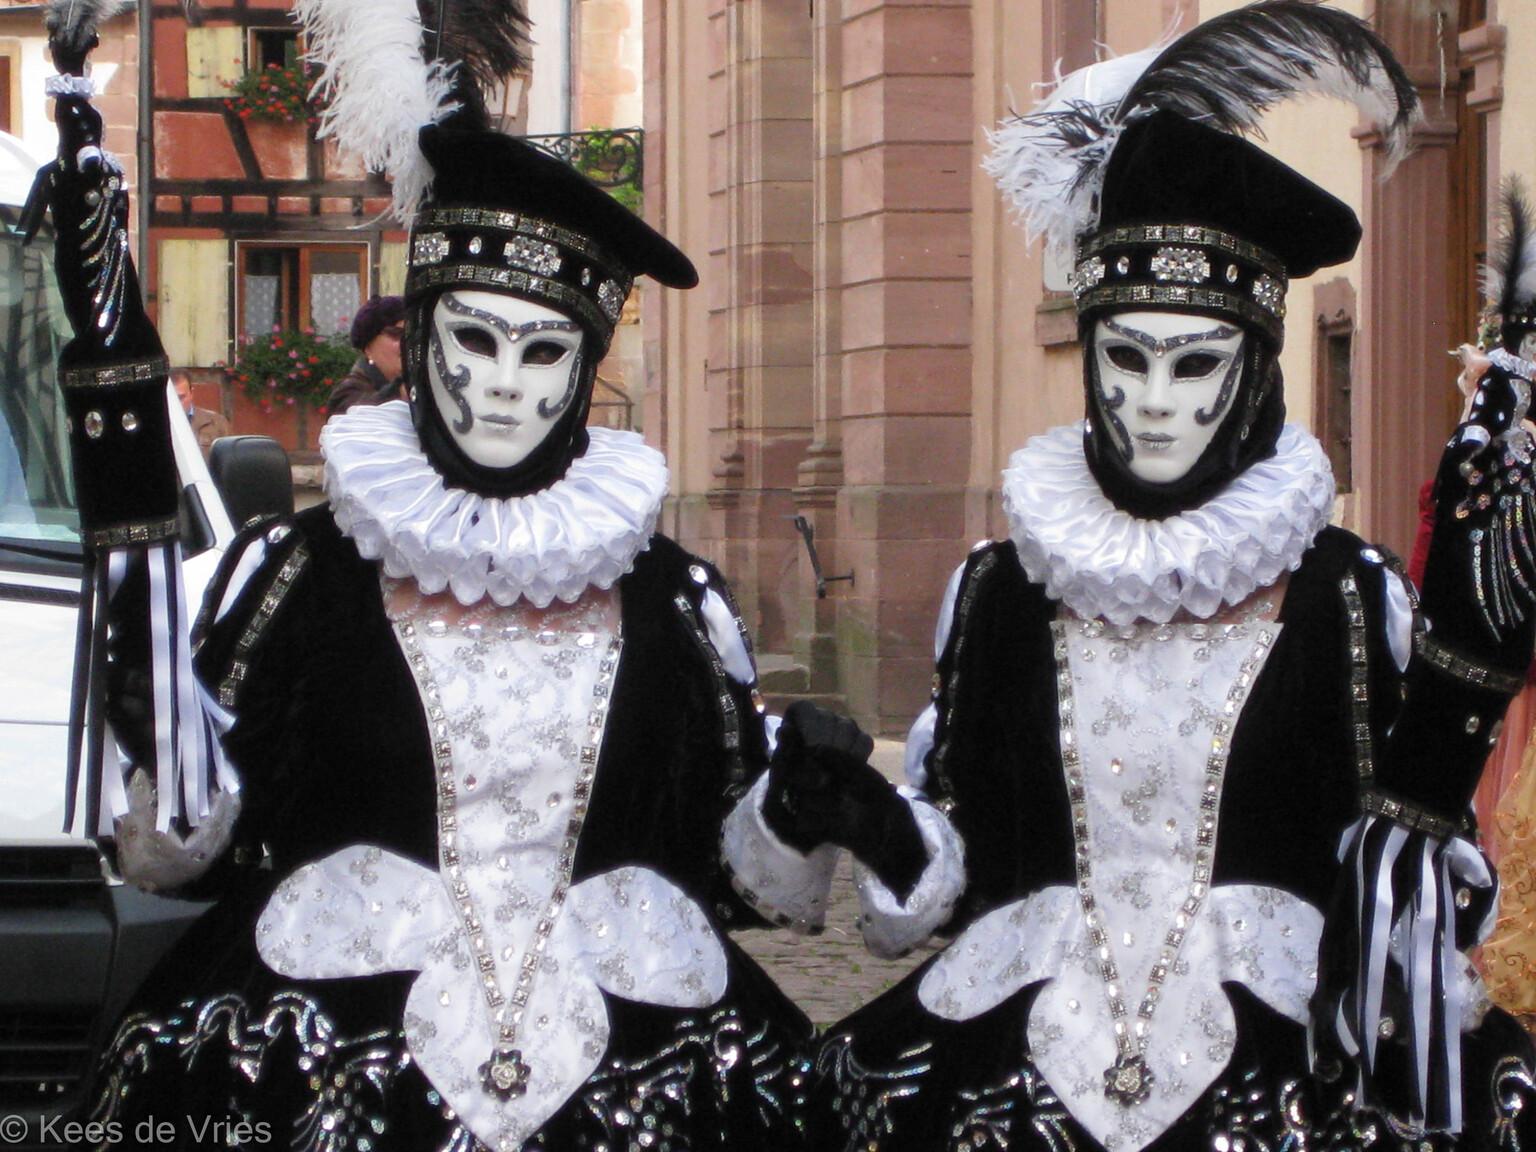 Elzas 2012 - Venetiaanse Parade in Riquewihr in de Elzas - foto door KdV59 op 05-05-2021 - locatie: 68340 Riquewihr, Frankrijk - deze foto bevat: wit, zwart, heeft, handschoen, hoofddeksel, bontkleding, evenement, pret, venster, masker